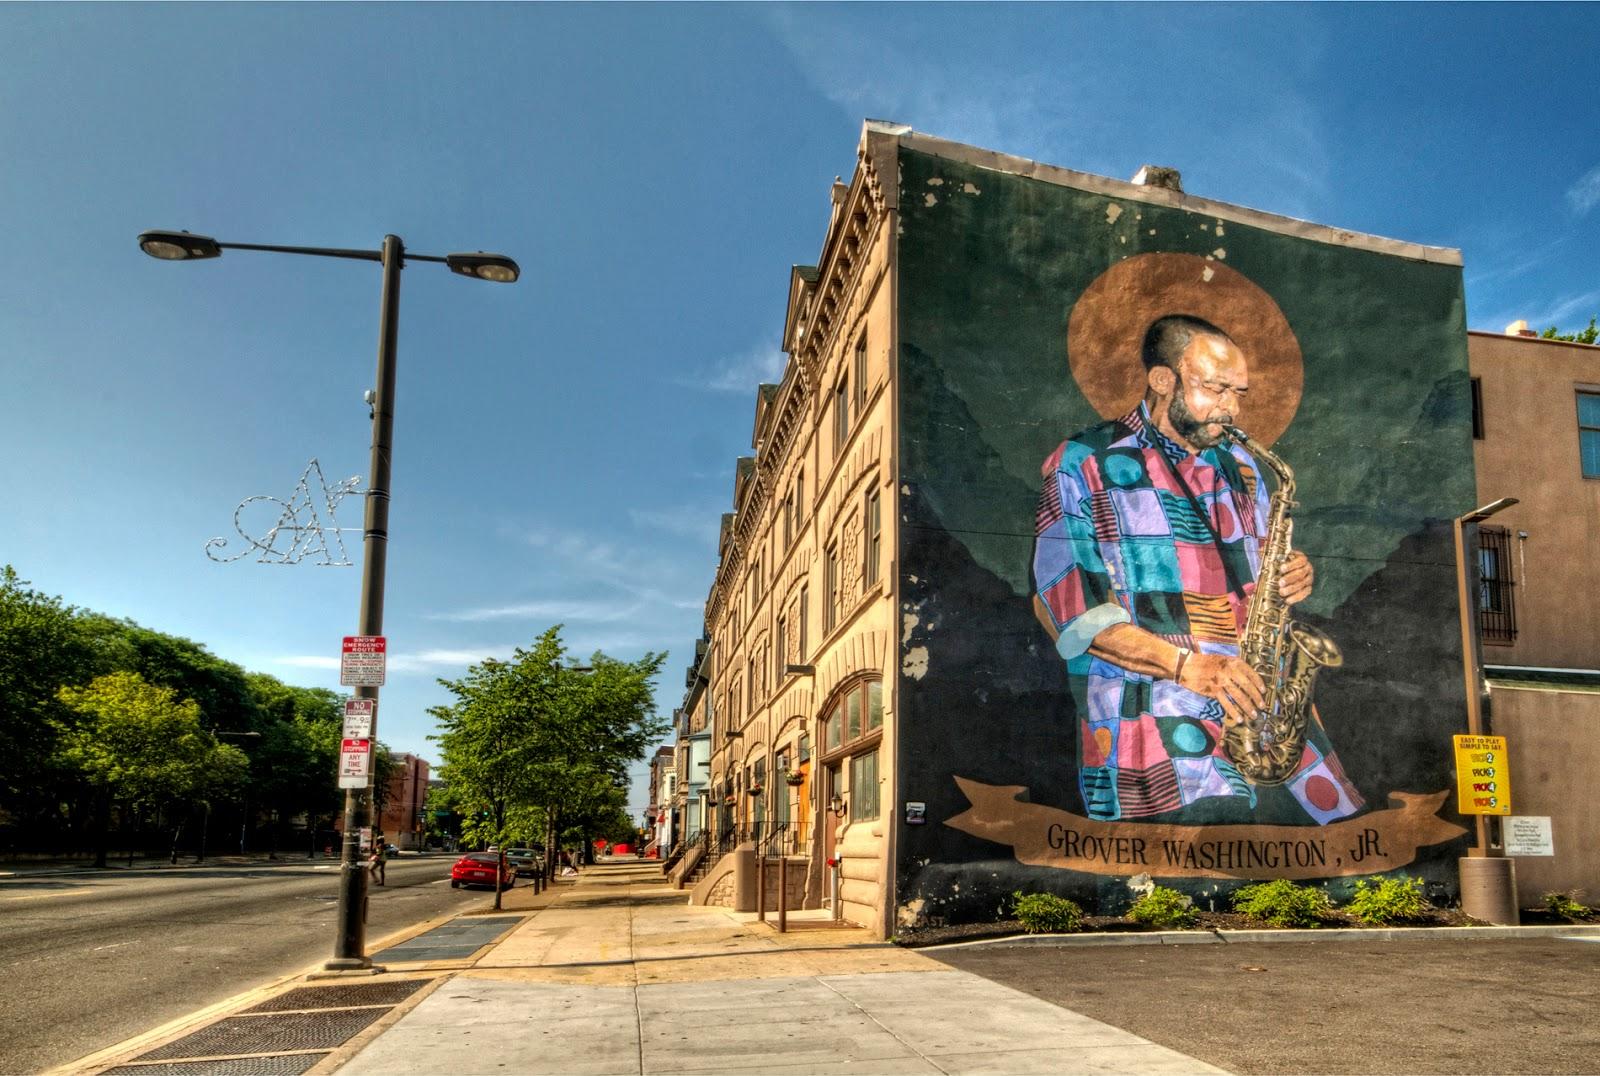 Murals on pinterest for Common threads mural